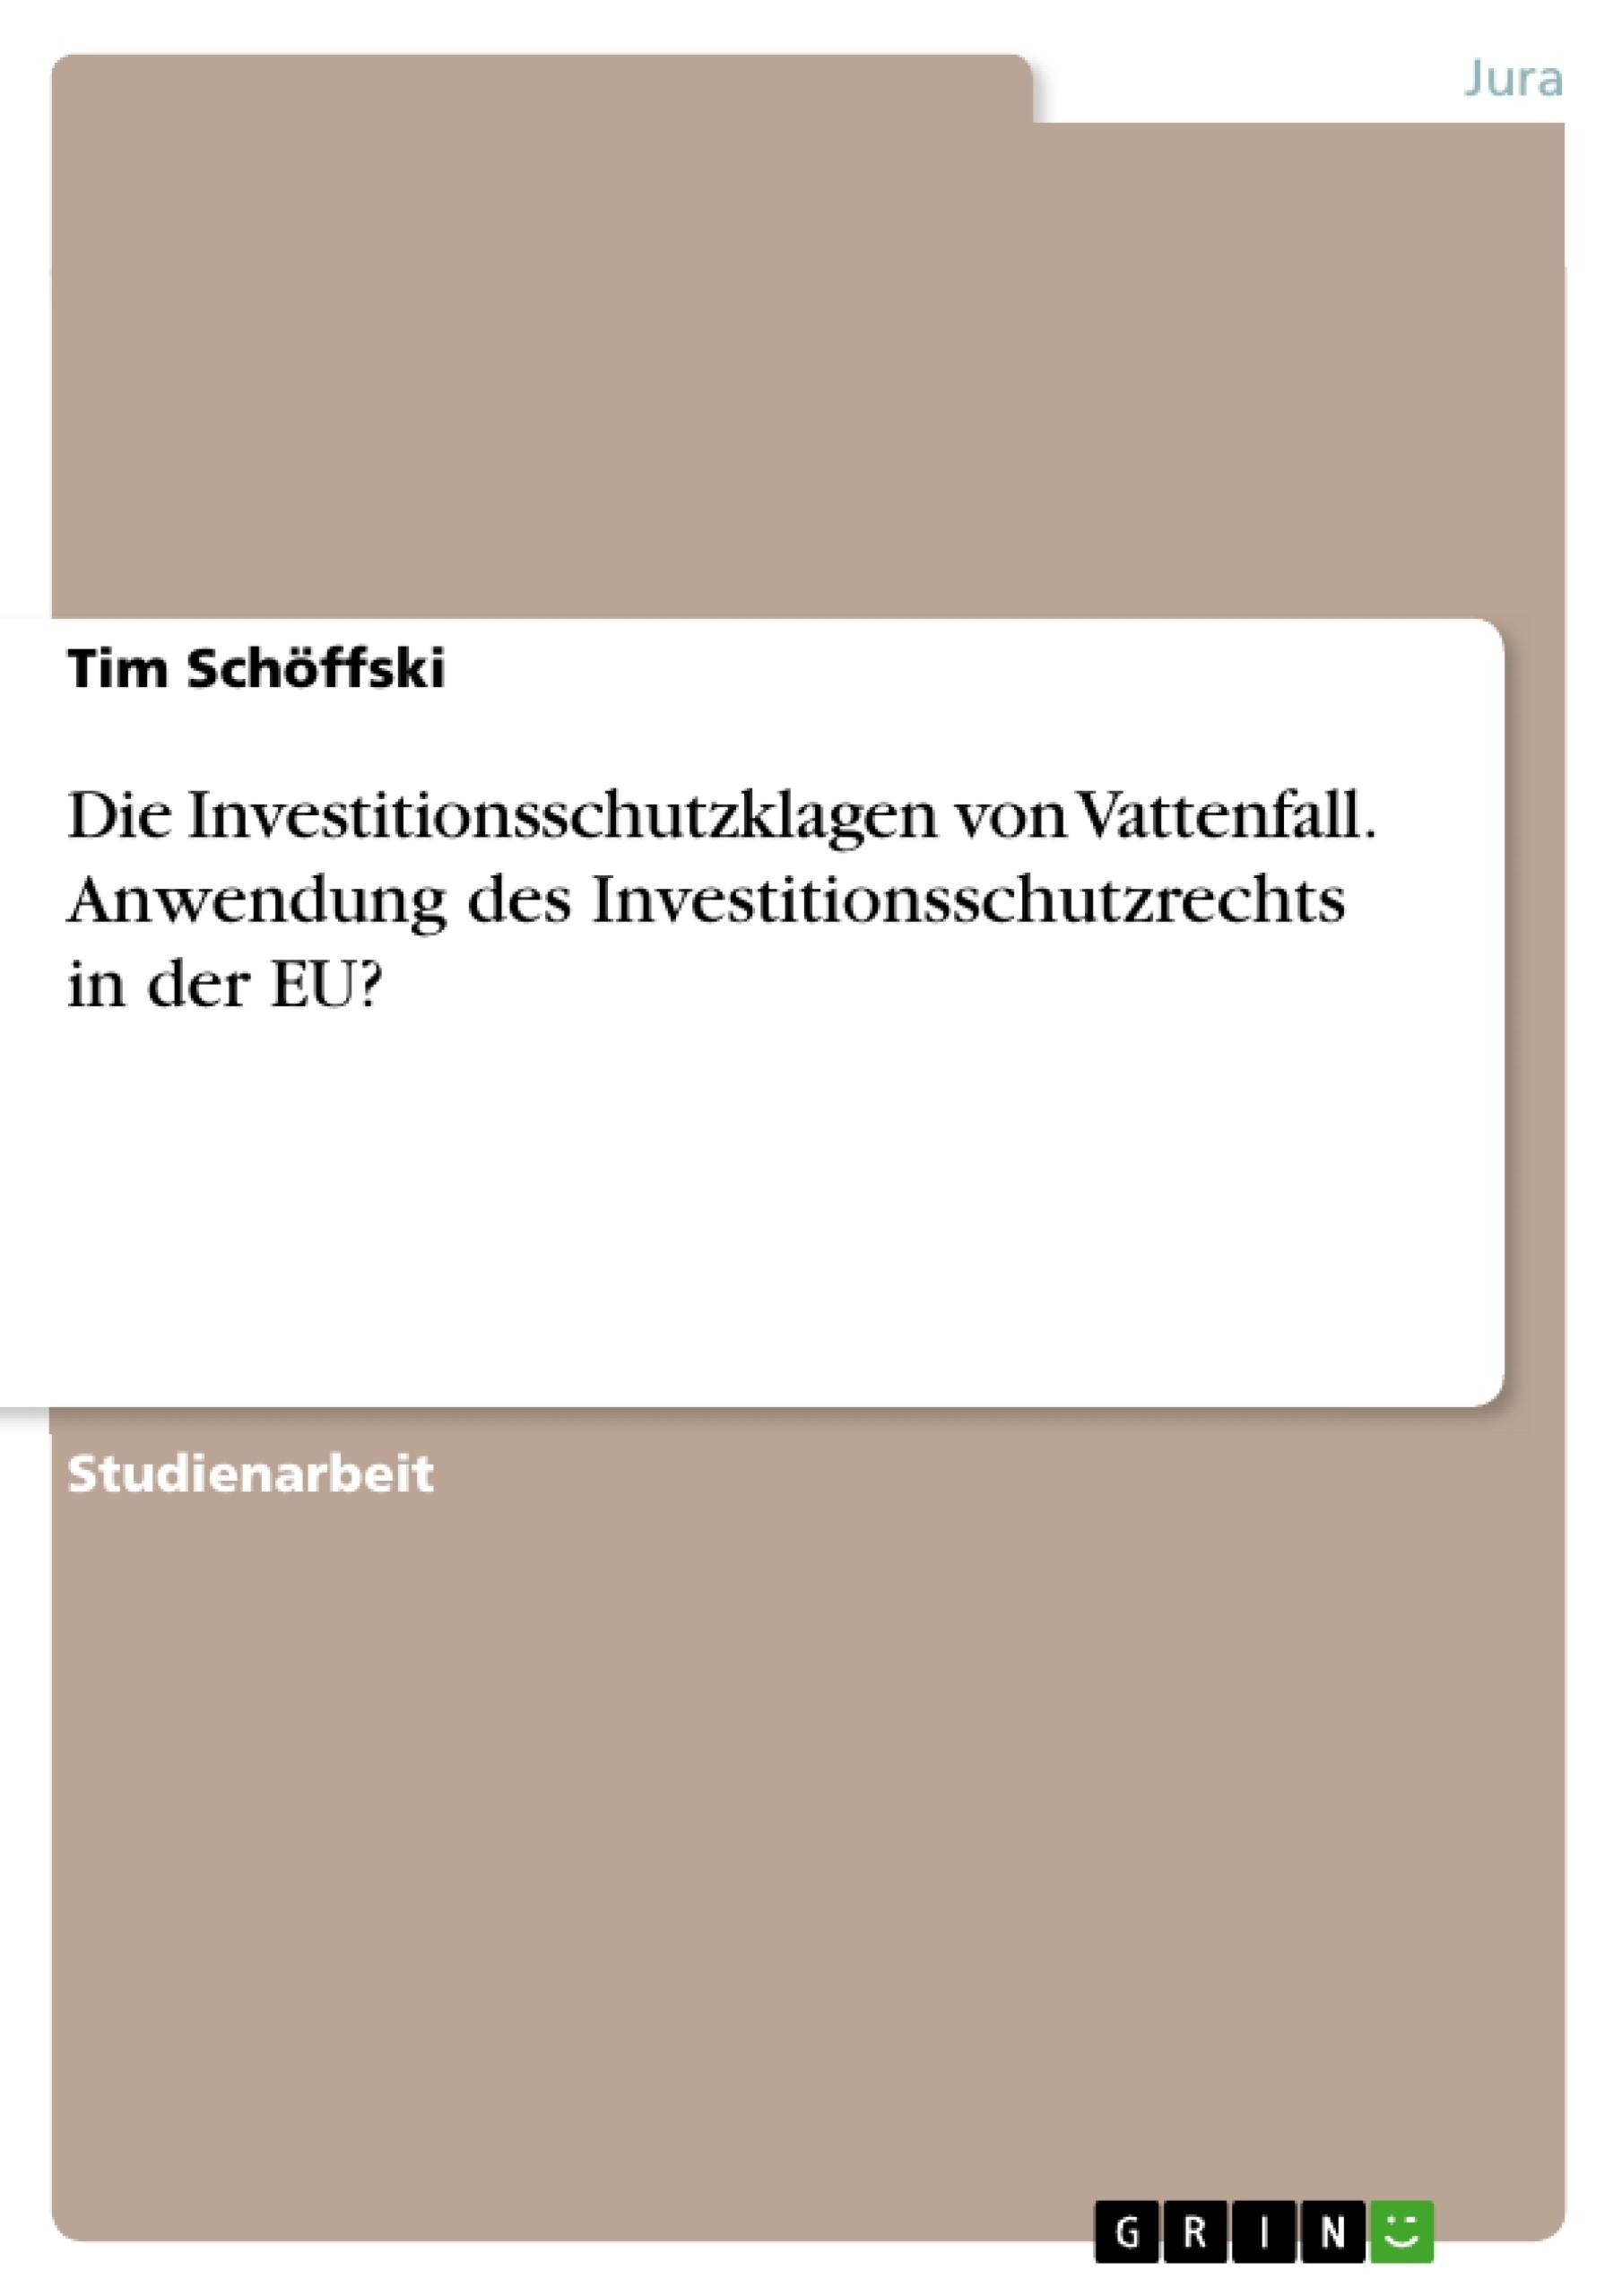 Titel: Die Investitionsschutzklagen von Vattenfall. Anwendung des Investitionsschutzrechts in der EU?